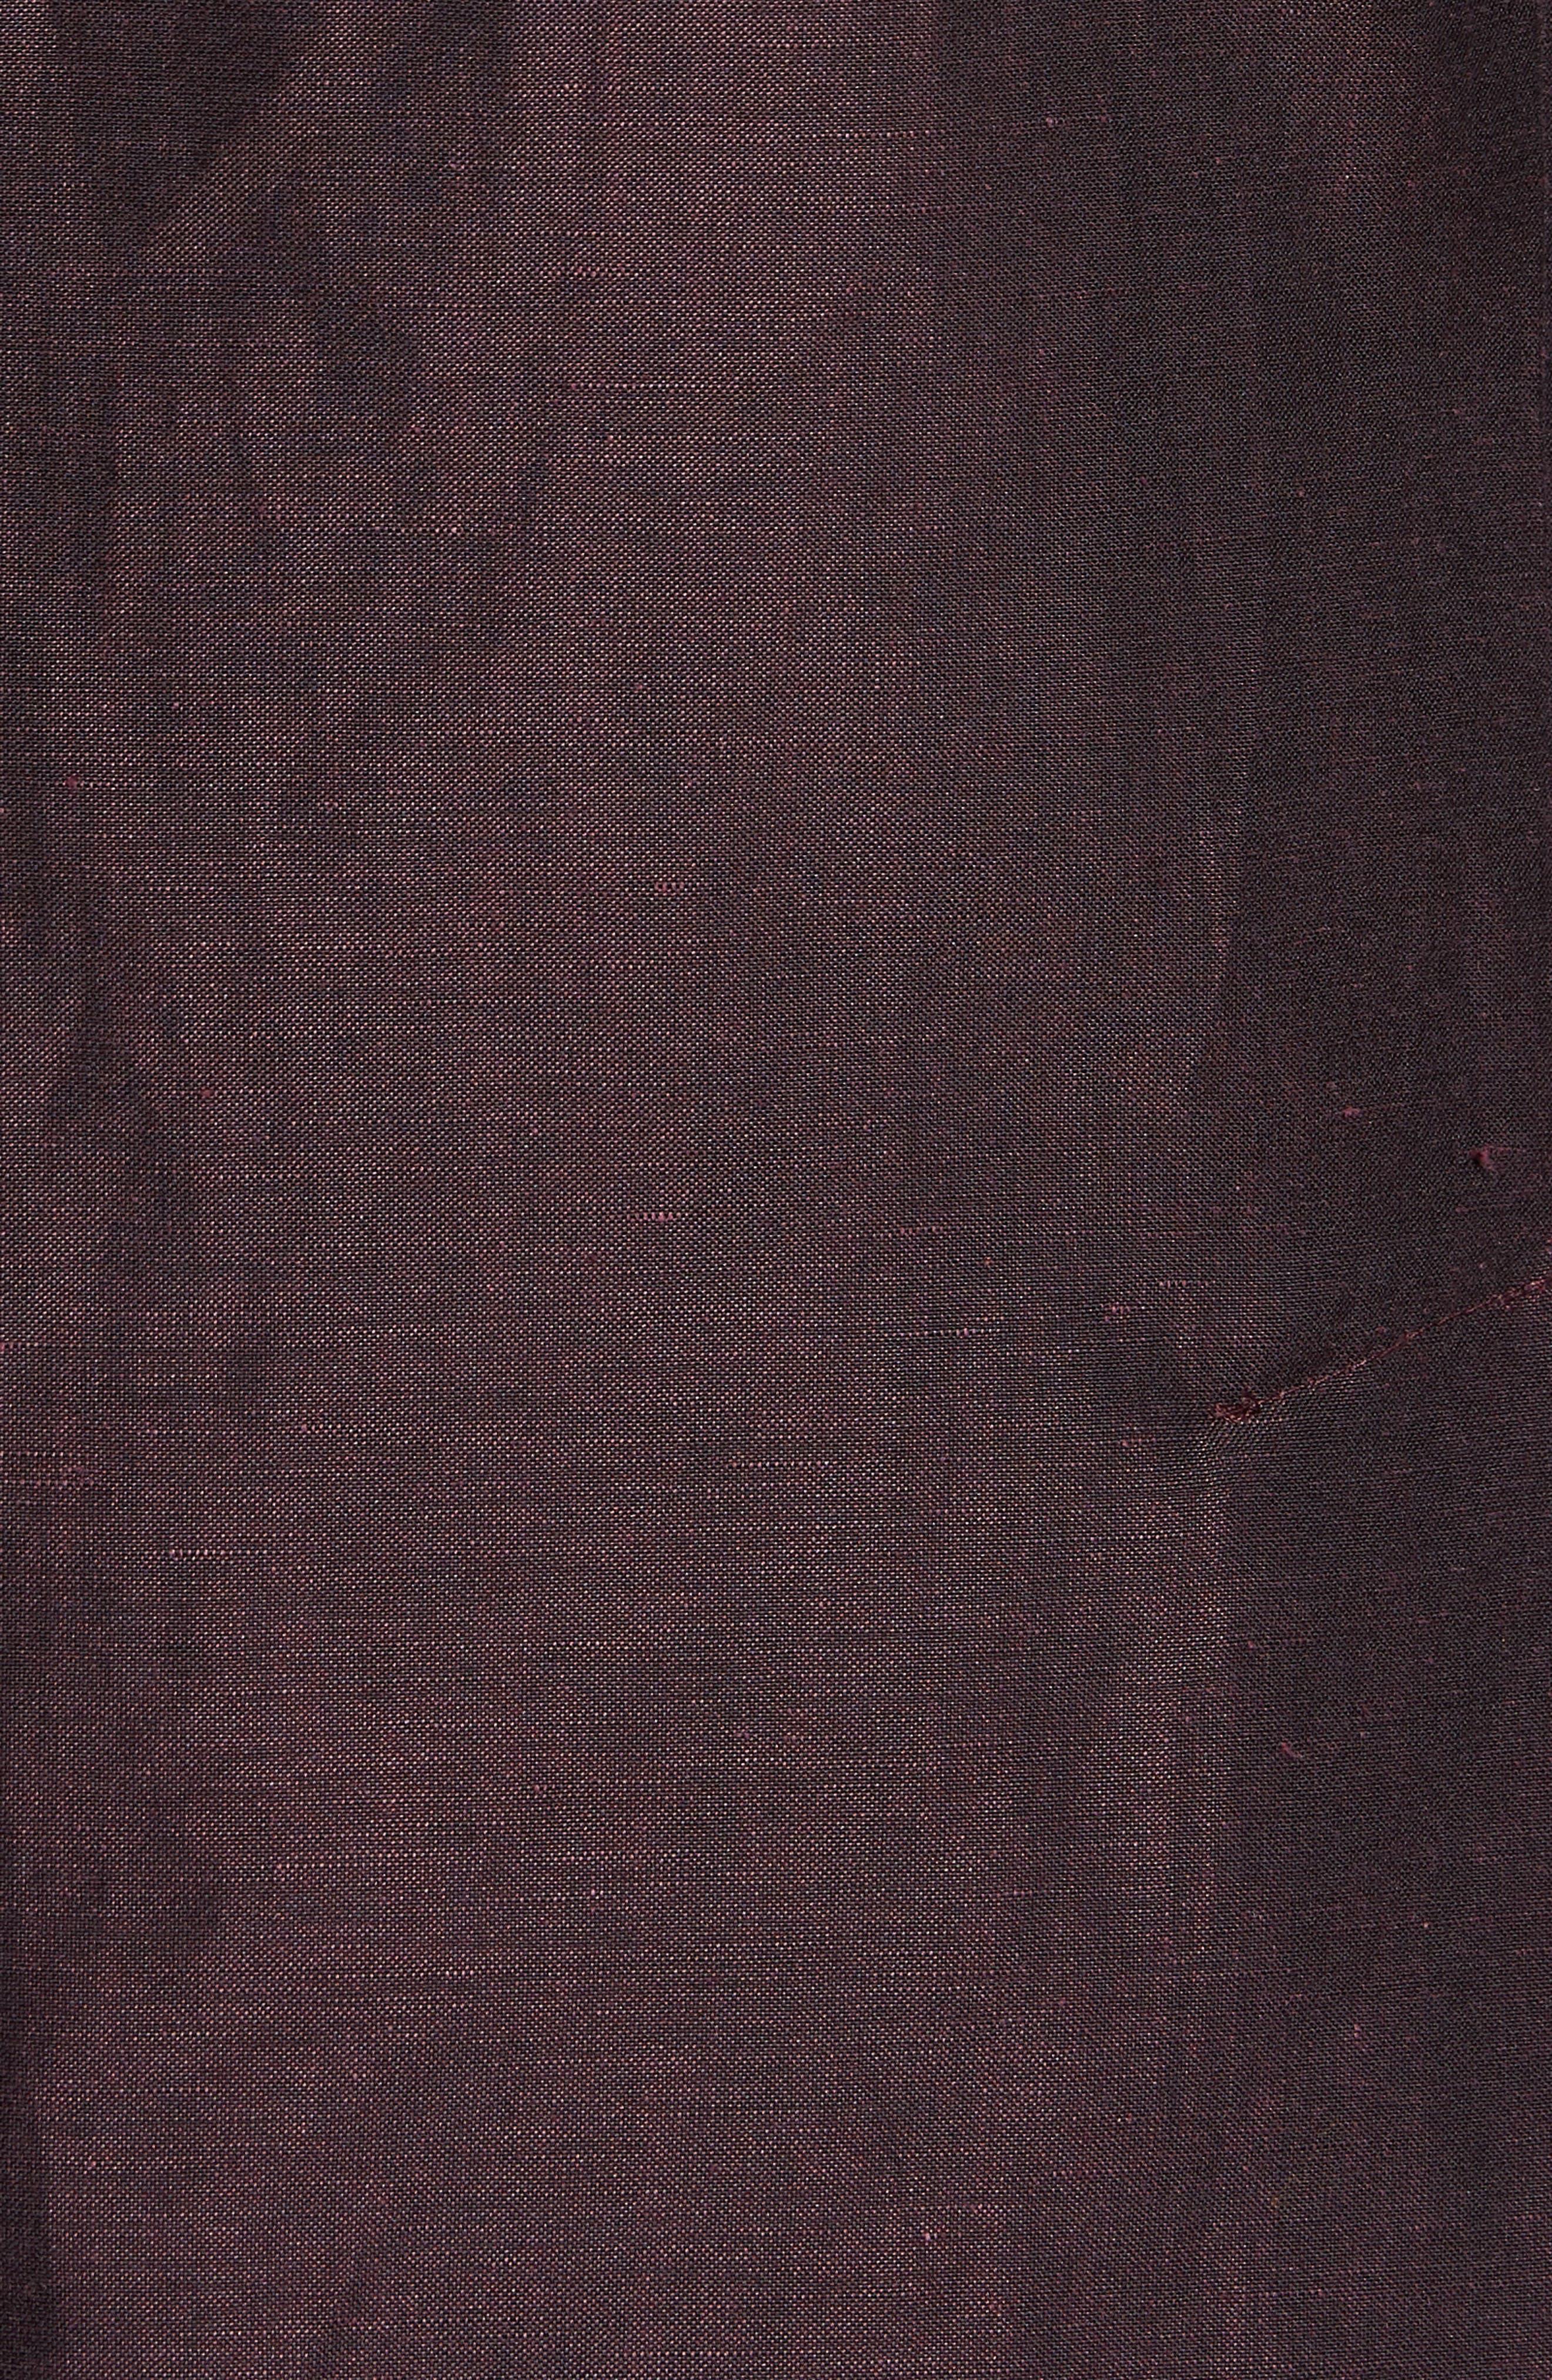 Shelby Trim Fit Wool & Linen Suit Jacket,                             Alternate thumbnail 6, color,